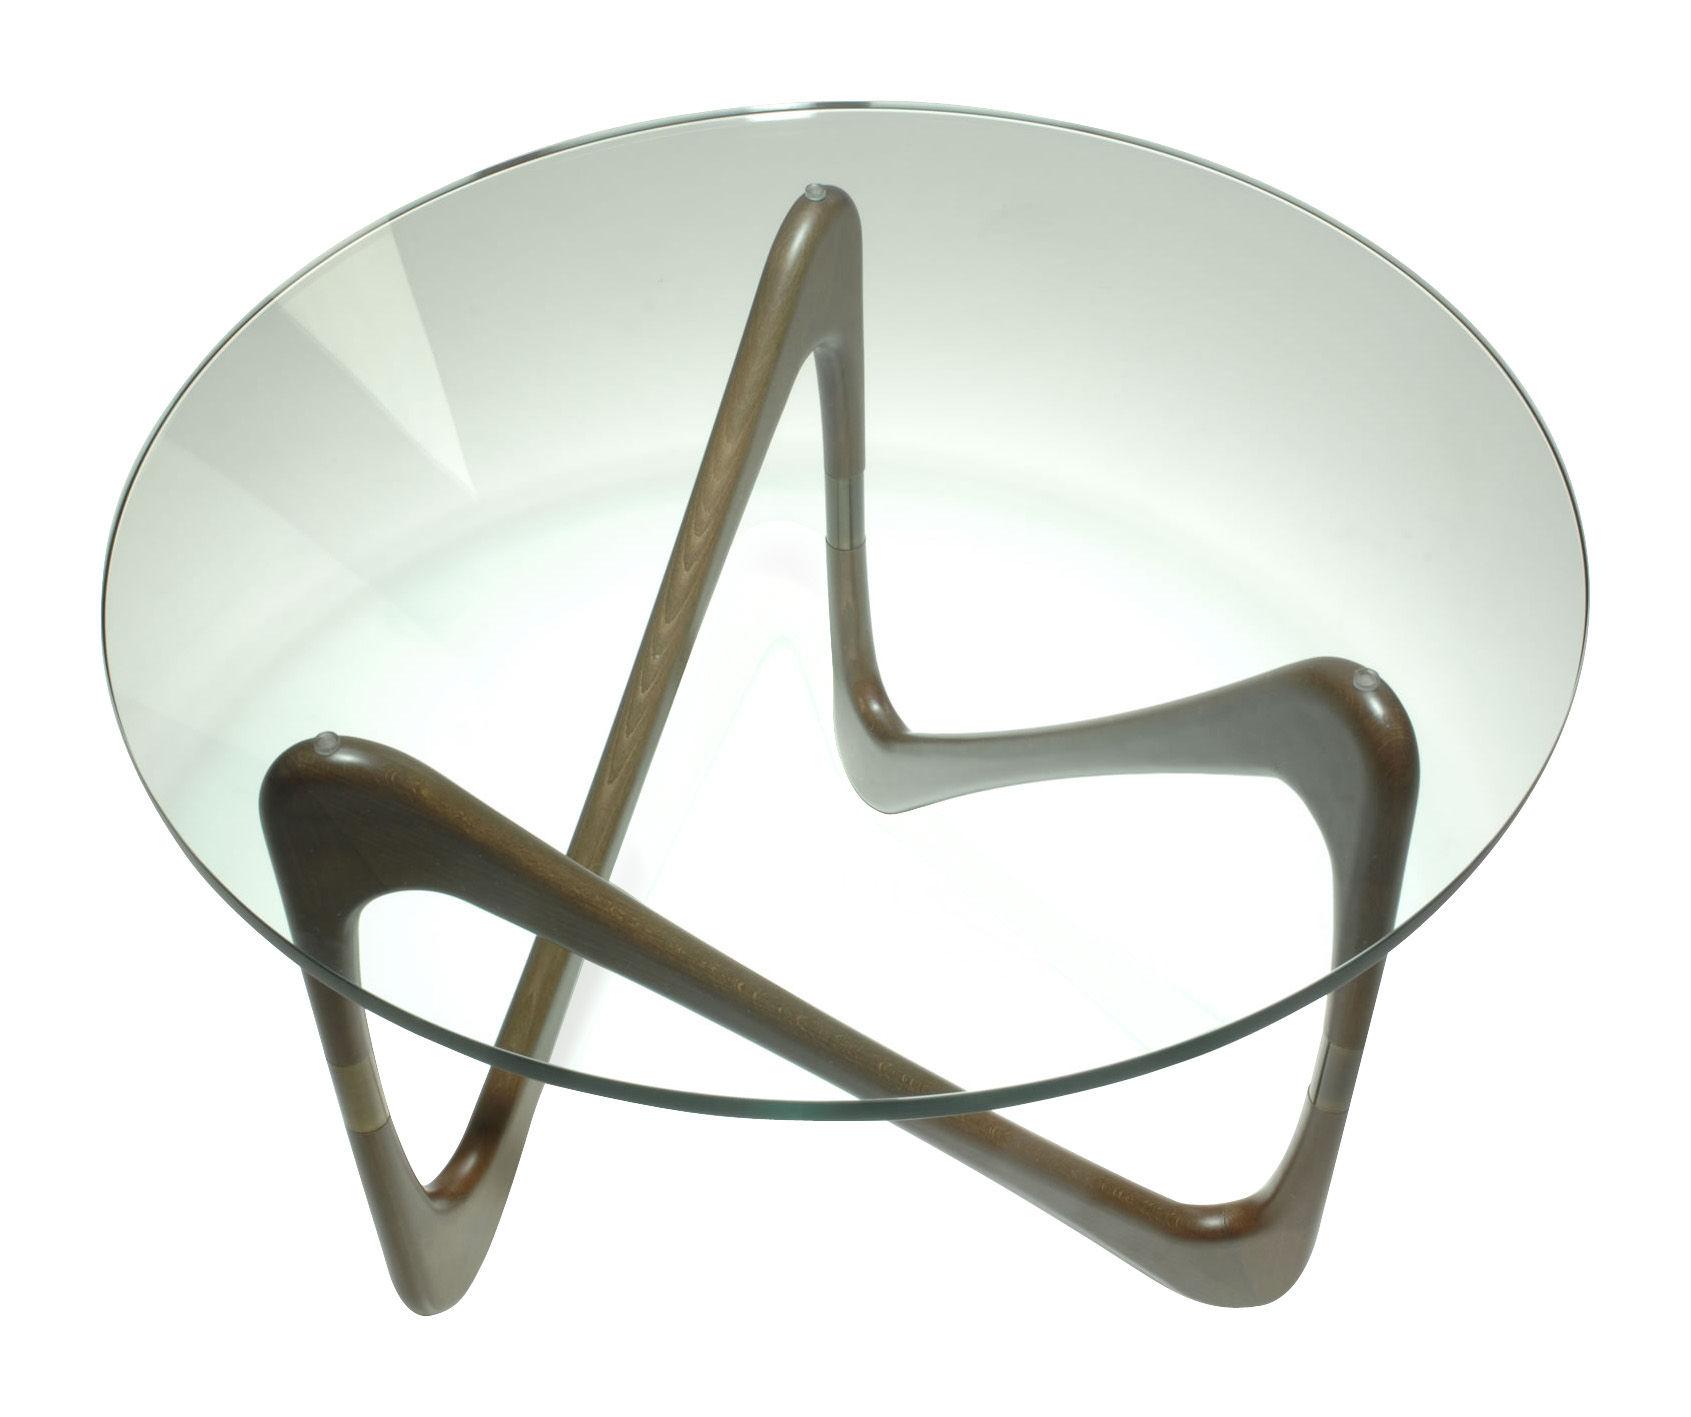 Arredamento - Tavolini  - Tavolino Moebius di Objekto - Struttura in faggio tinta noce - Faggio tinto, Vetro temprato